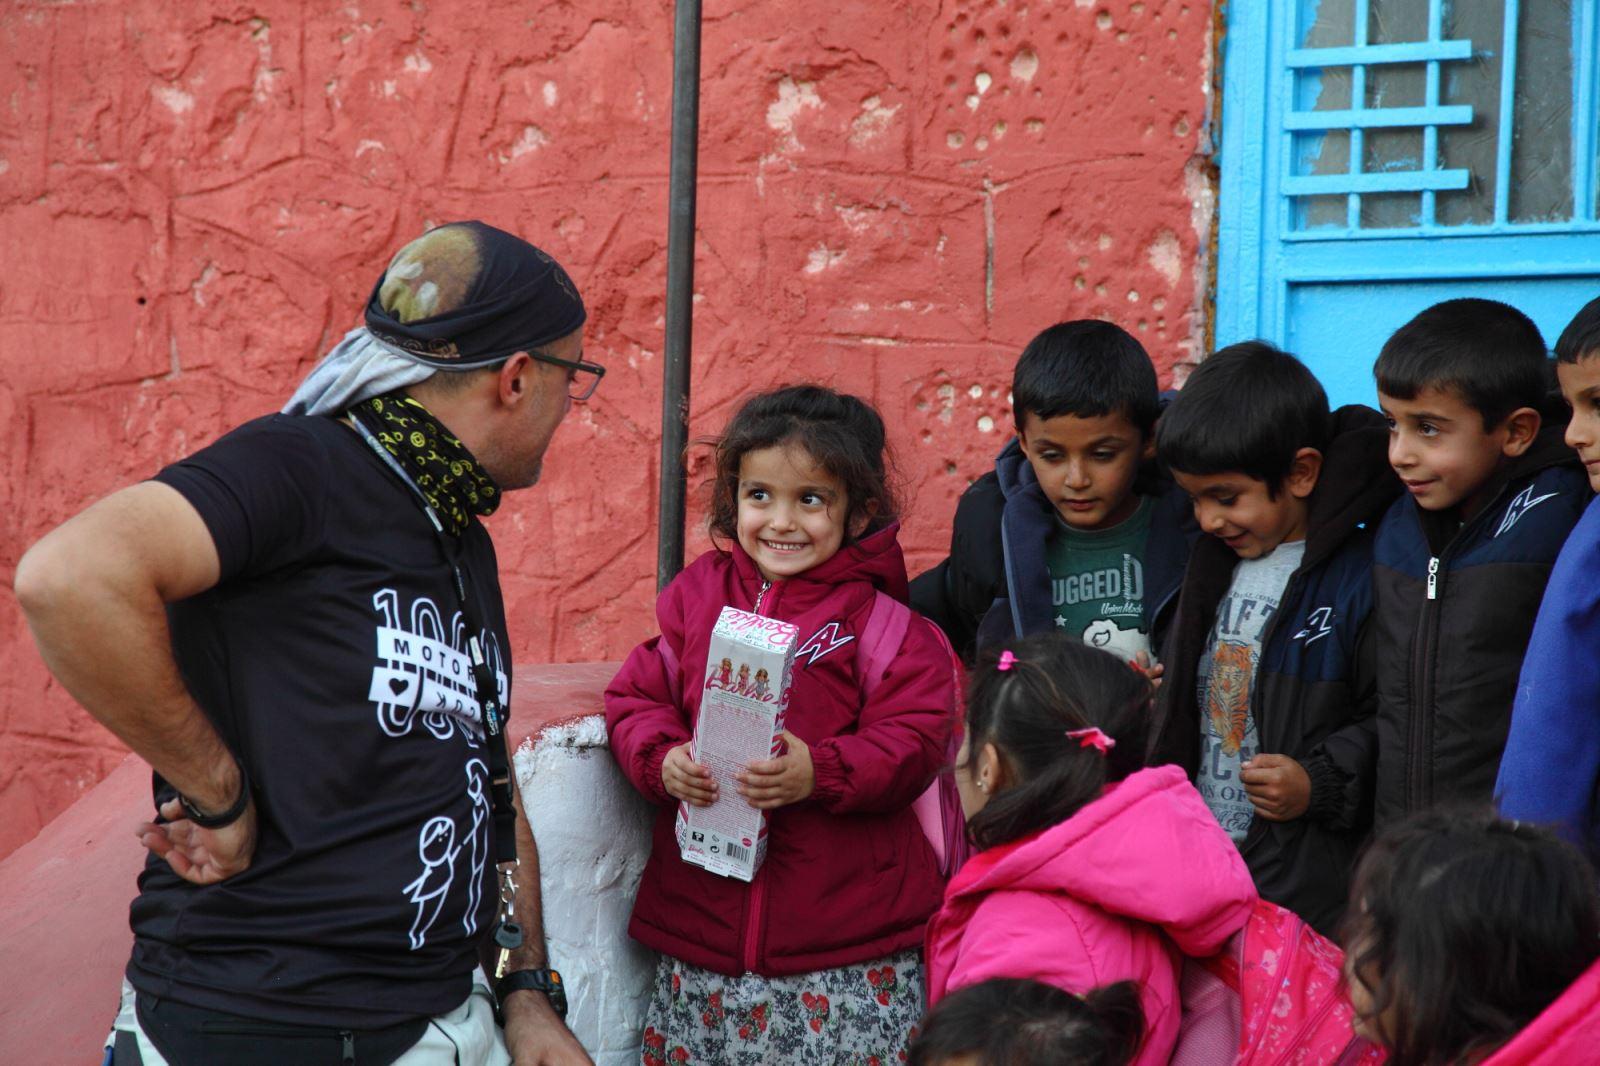 Umudun Adı: İlker Kül Ve 1000 Motorcu 1000 Çocuk Projesi 19. İçerik Fotoğrafı